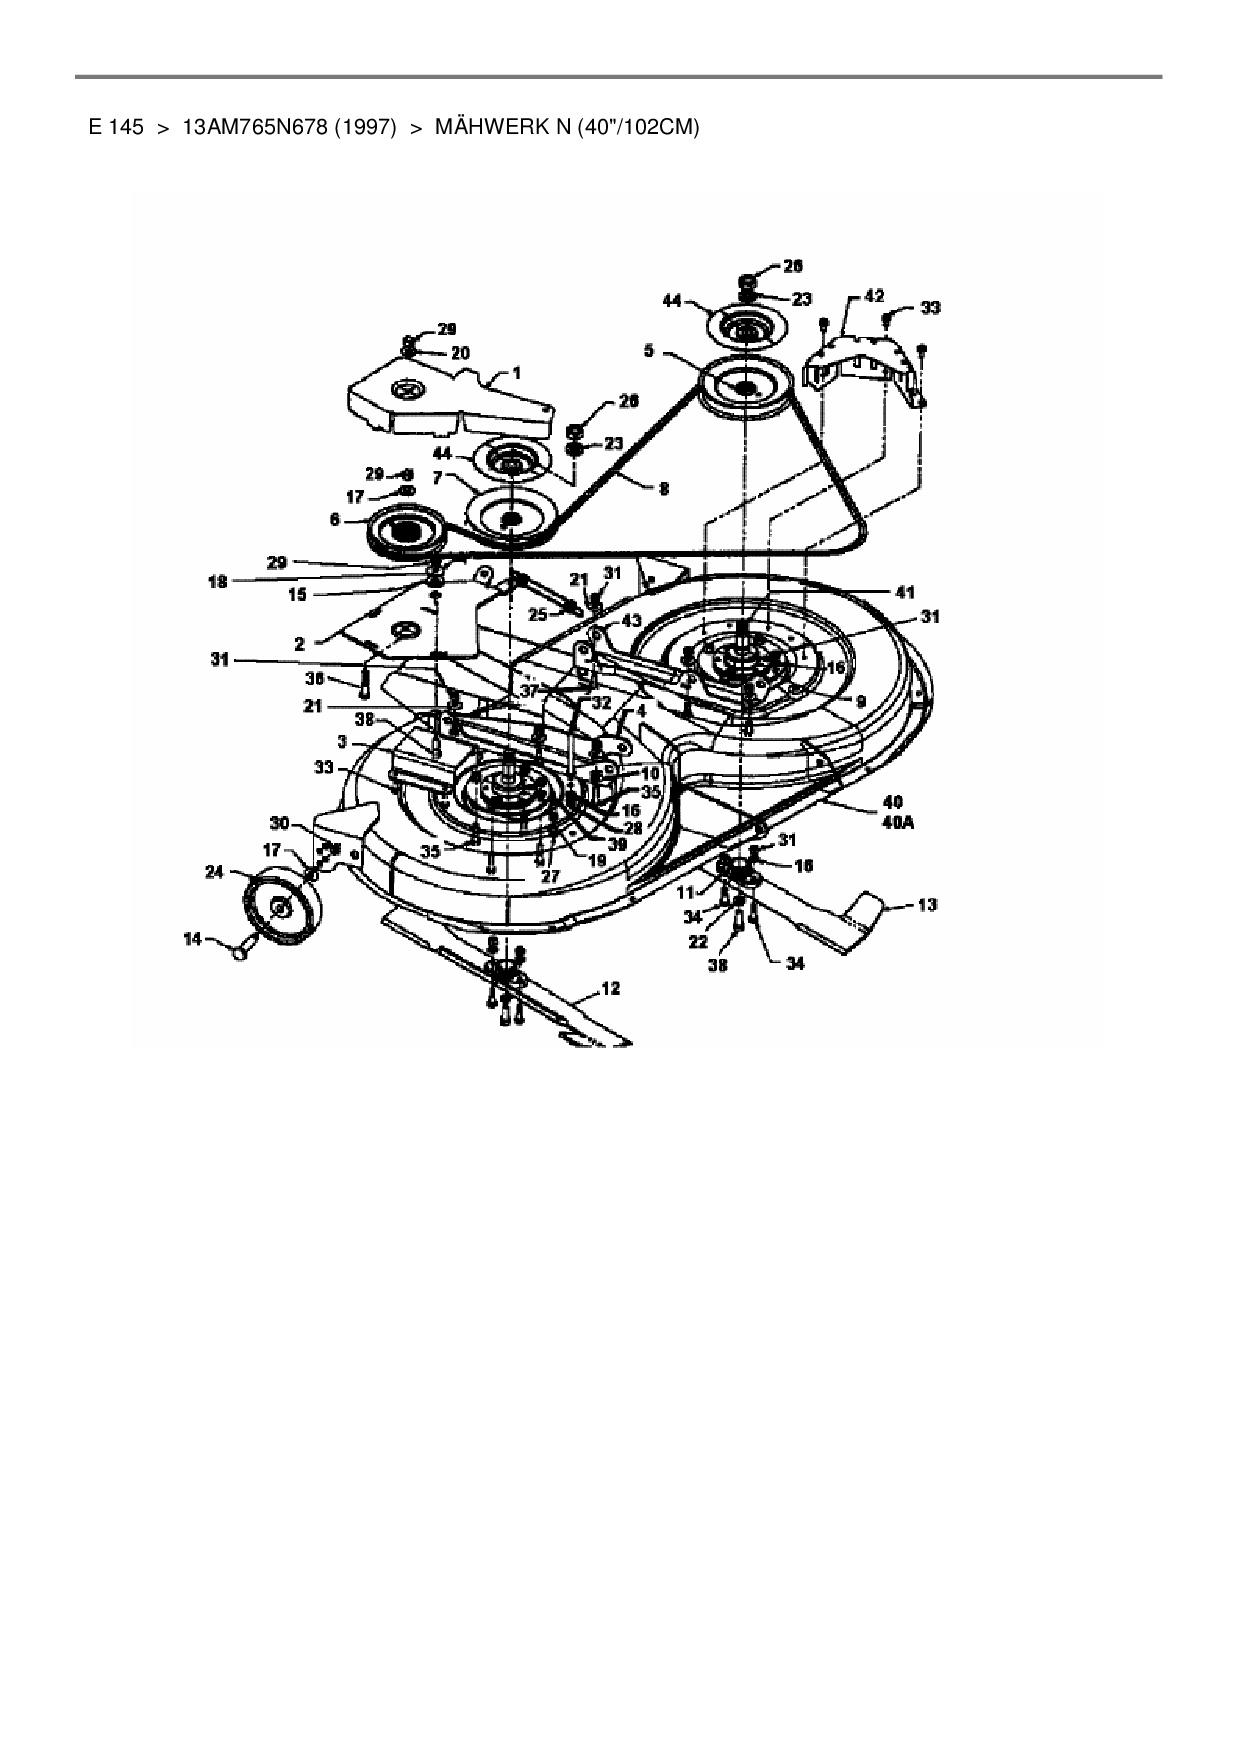 Keilriemen für MTD E 145/>13AM765N678 1997 />Mähwerk N 40//102cm